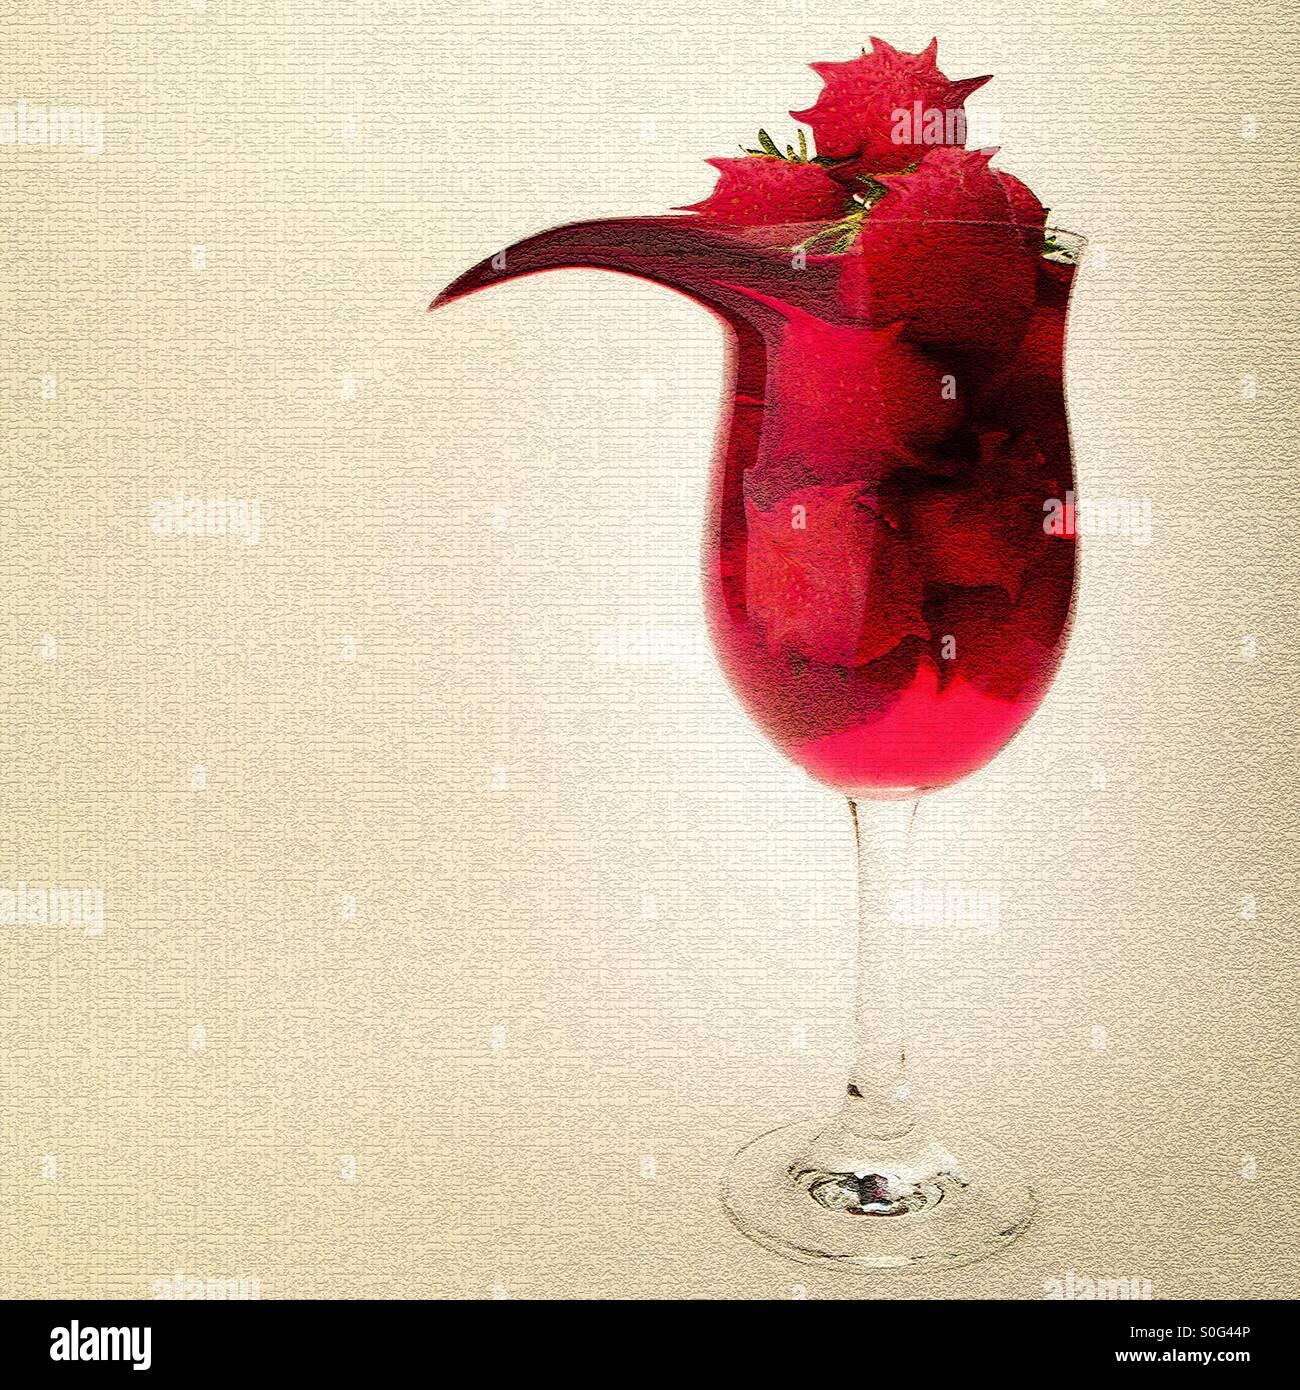 Image manipulée surréaliste montrant des fraises et jus dans un grand verre. Photo Stock